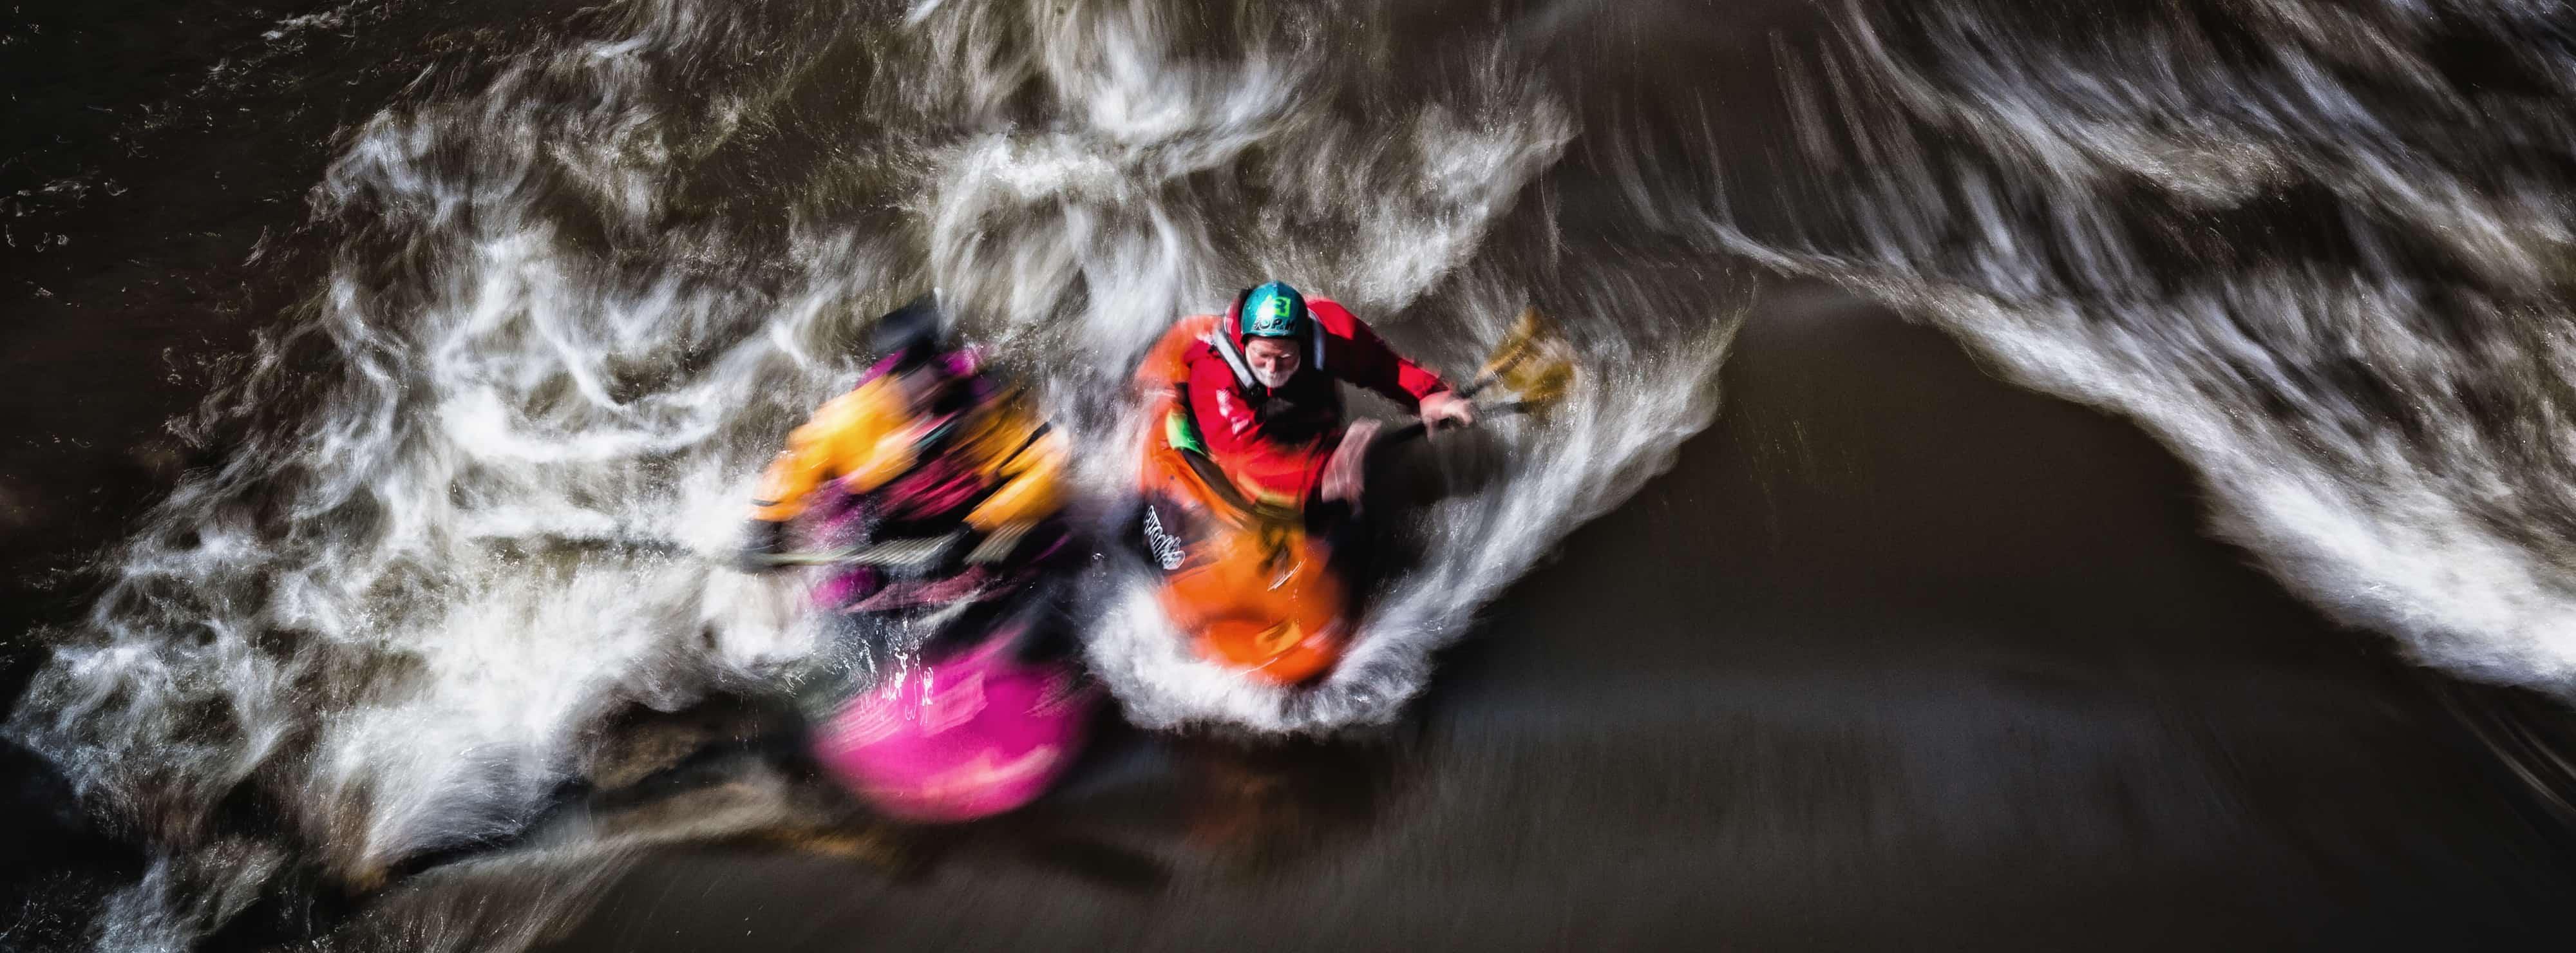 river-surf-wide